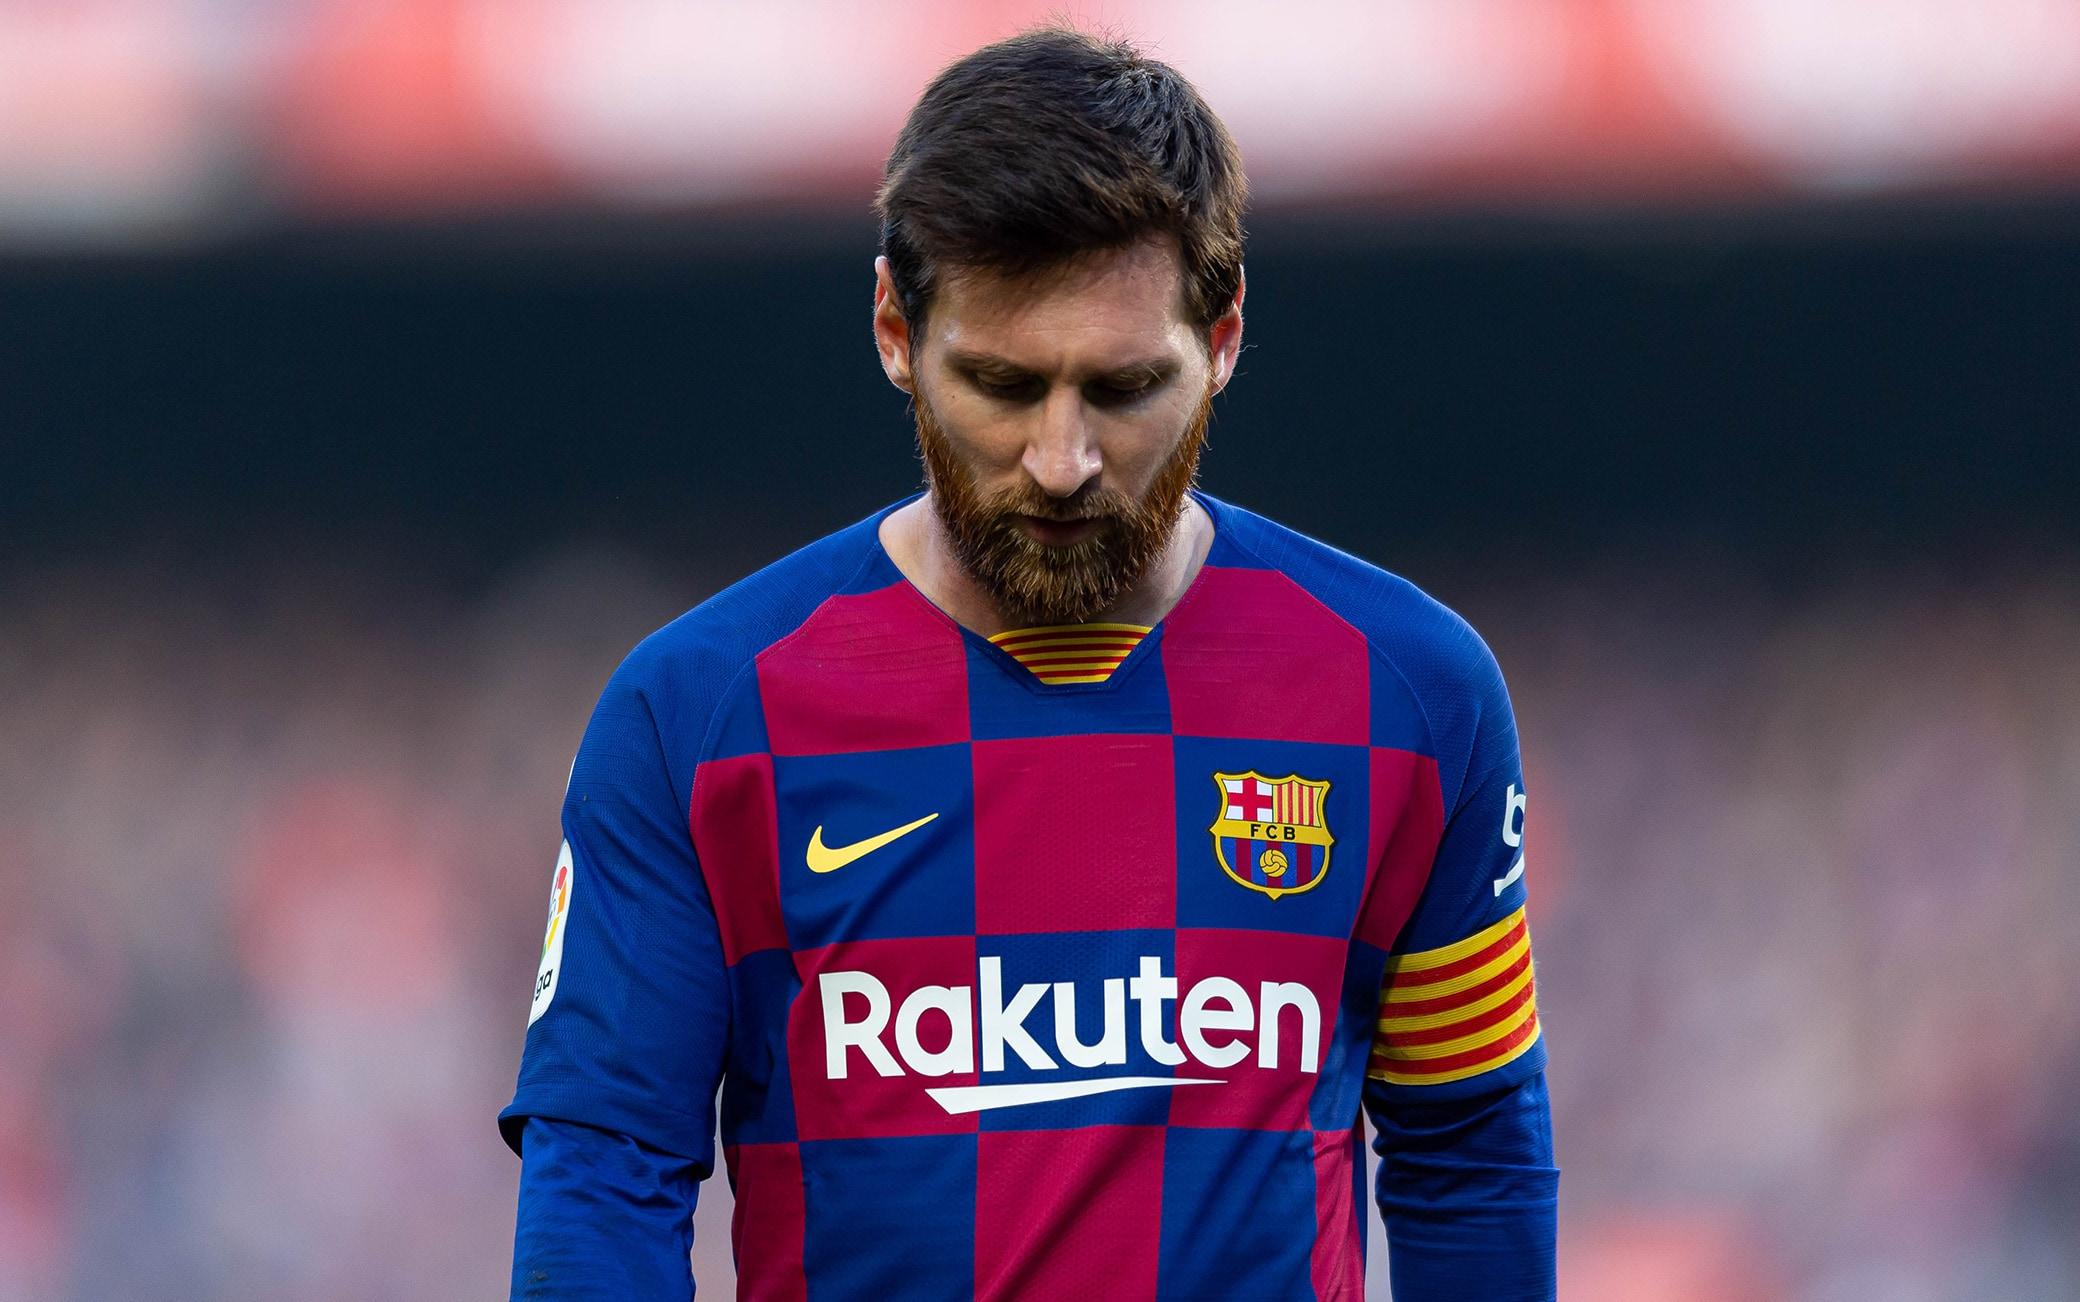 Nuova polemica per il Barcellona di Leo Messi